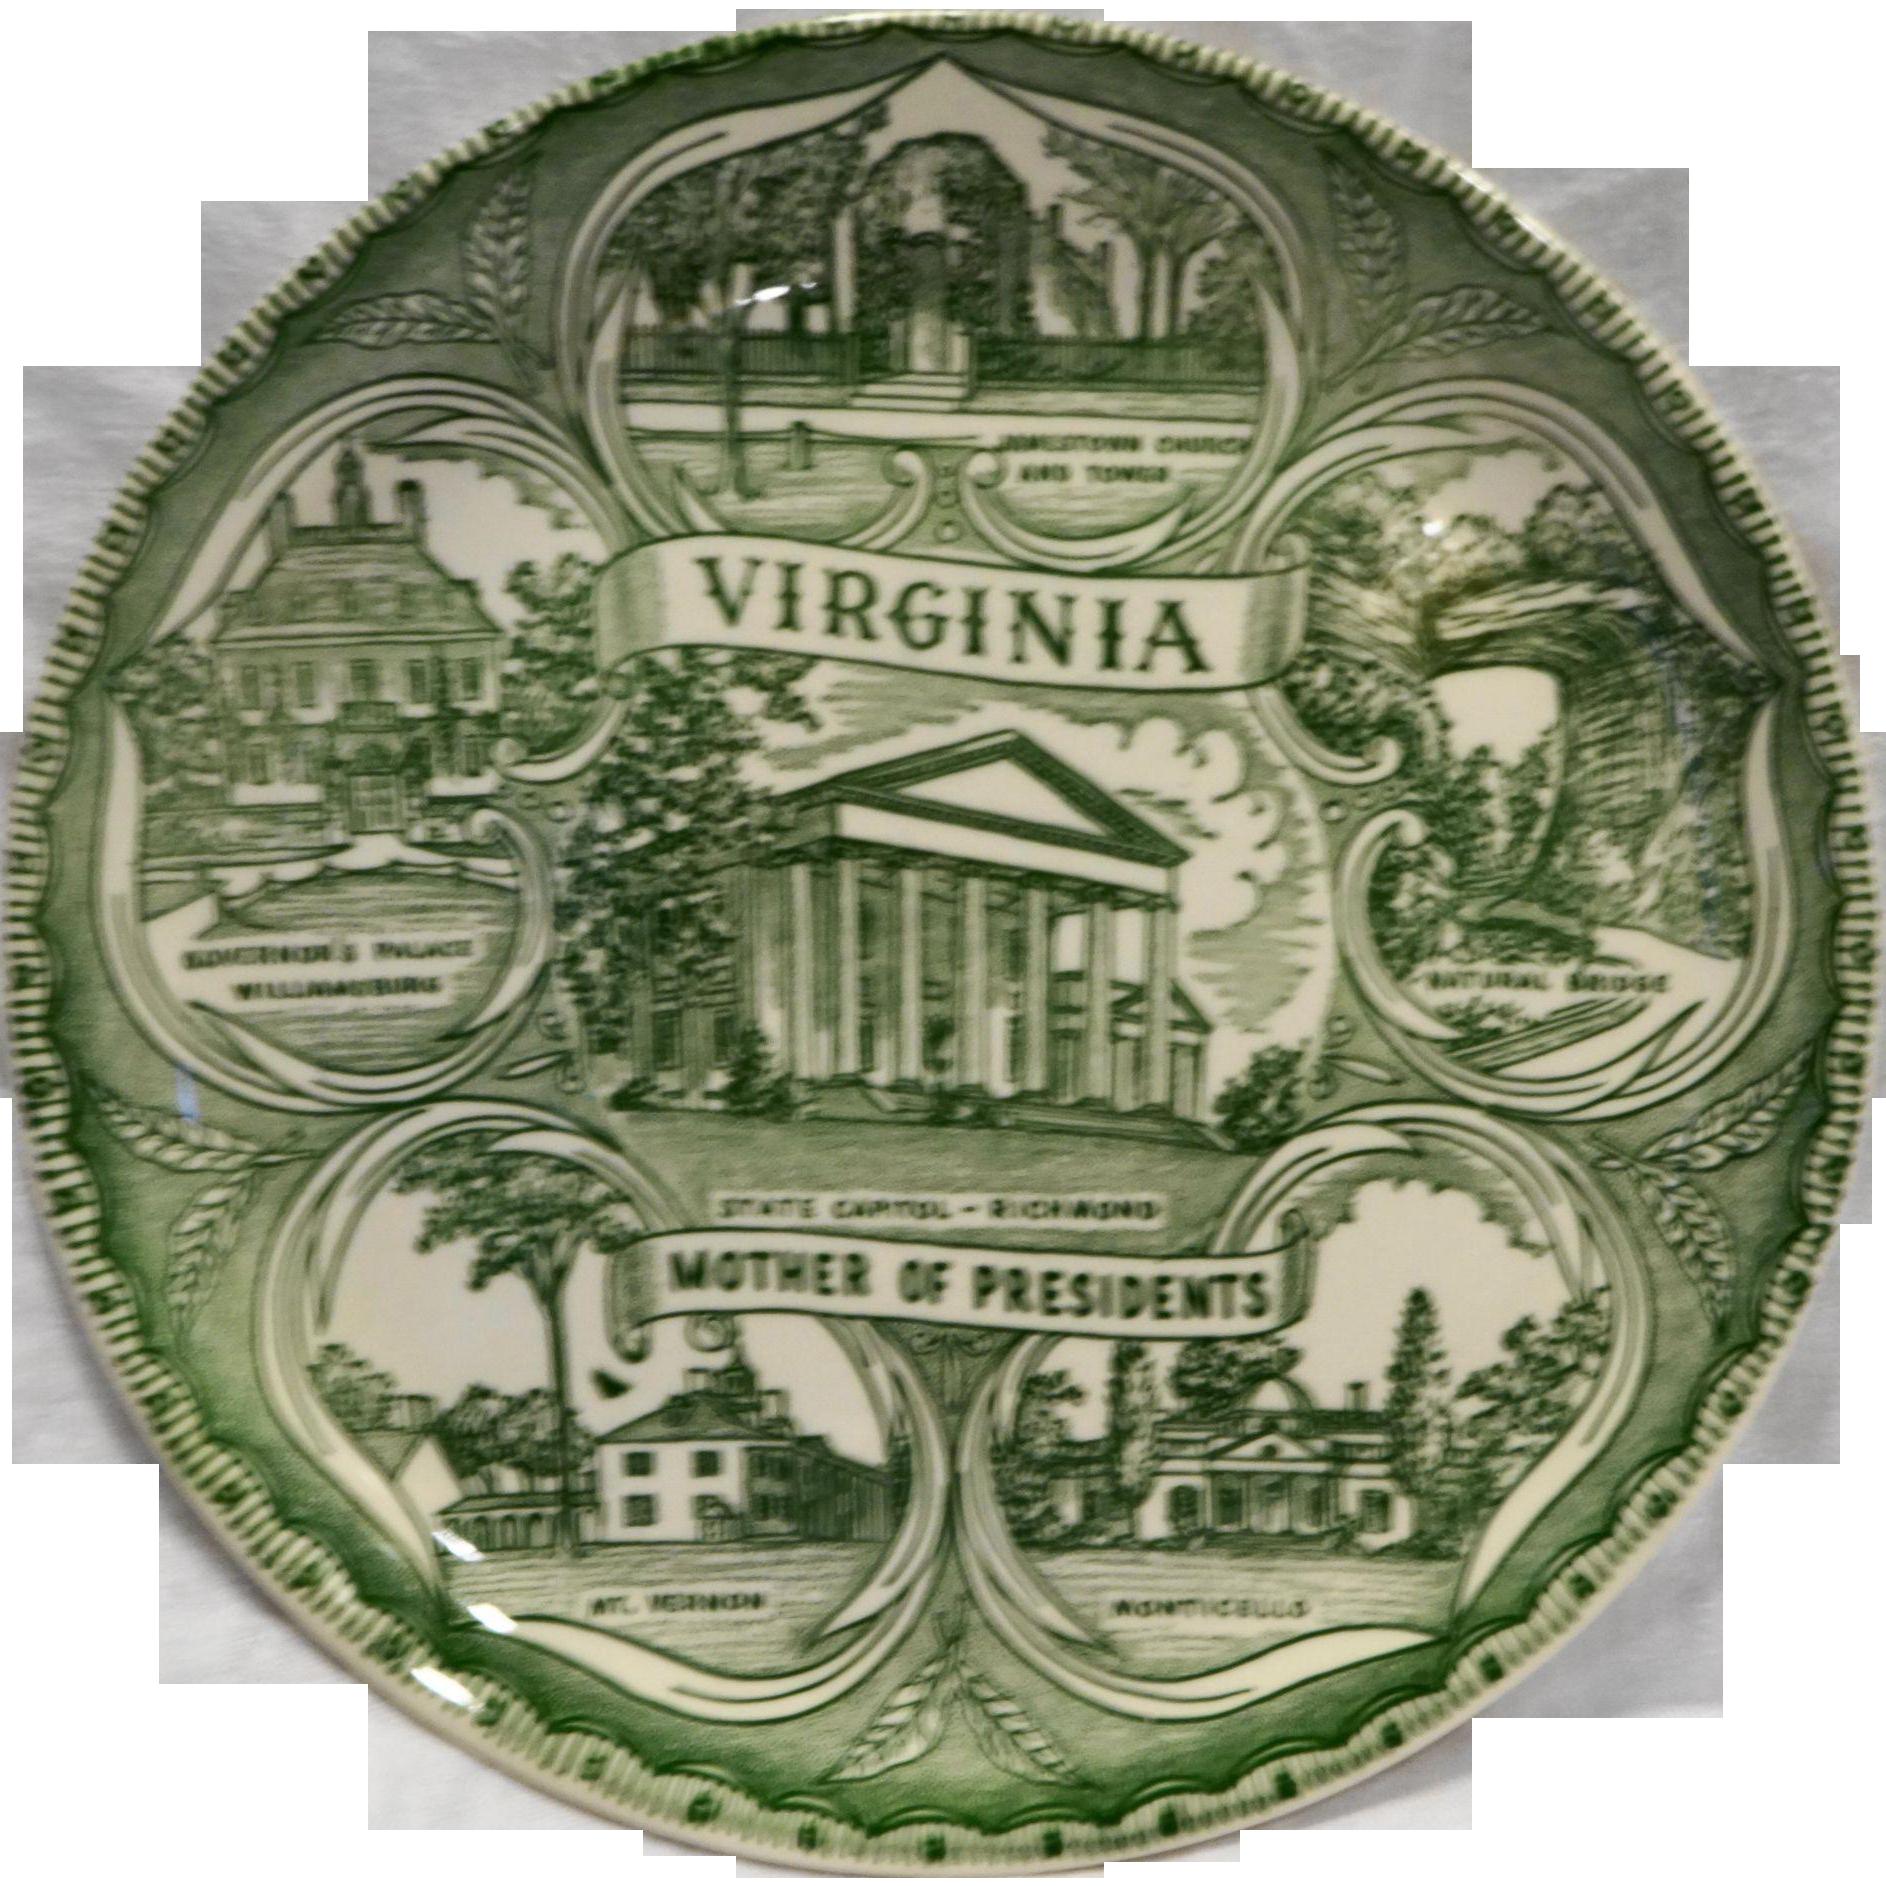 Virginia Green Transferware Souvenir Plate Mother of Presidents Mt Vernon Monticello